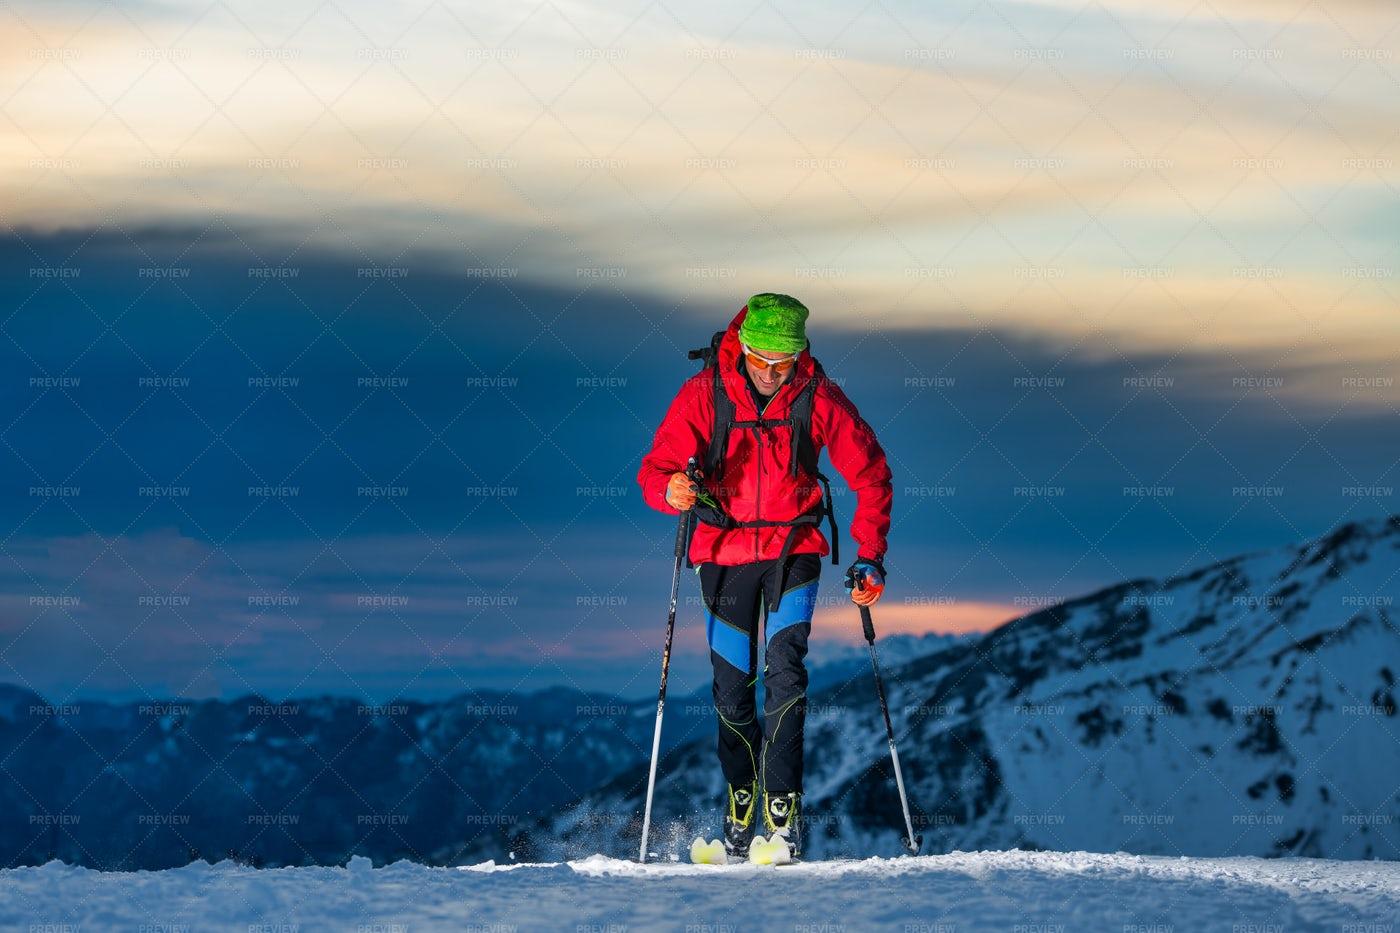 Man Skiing At Sunset: Stock Photos